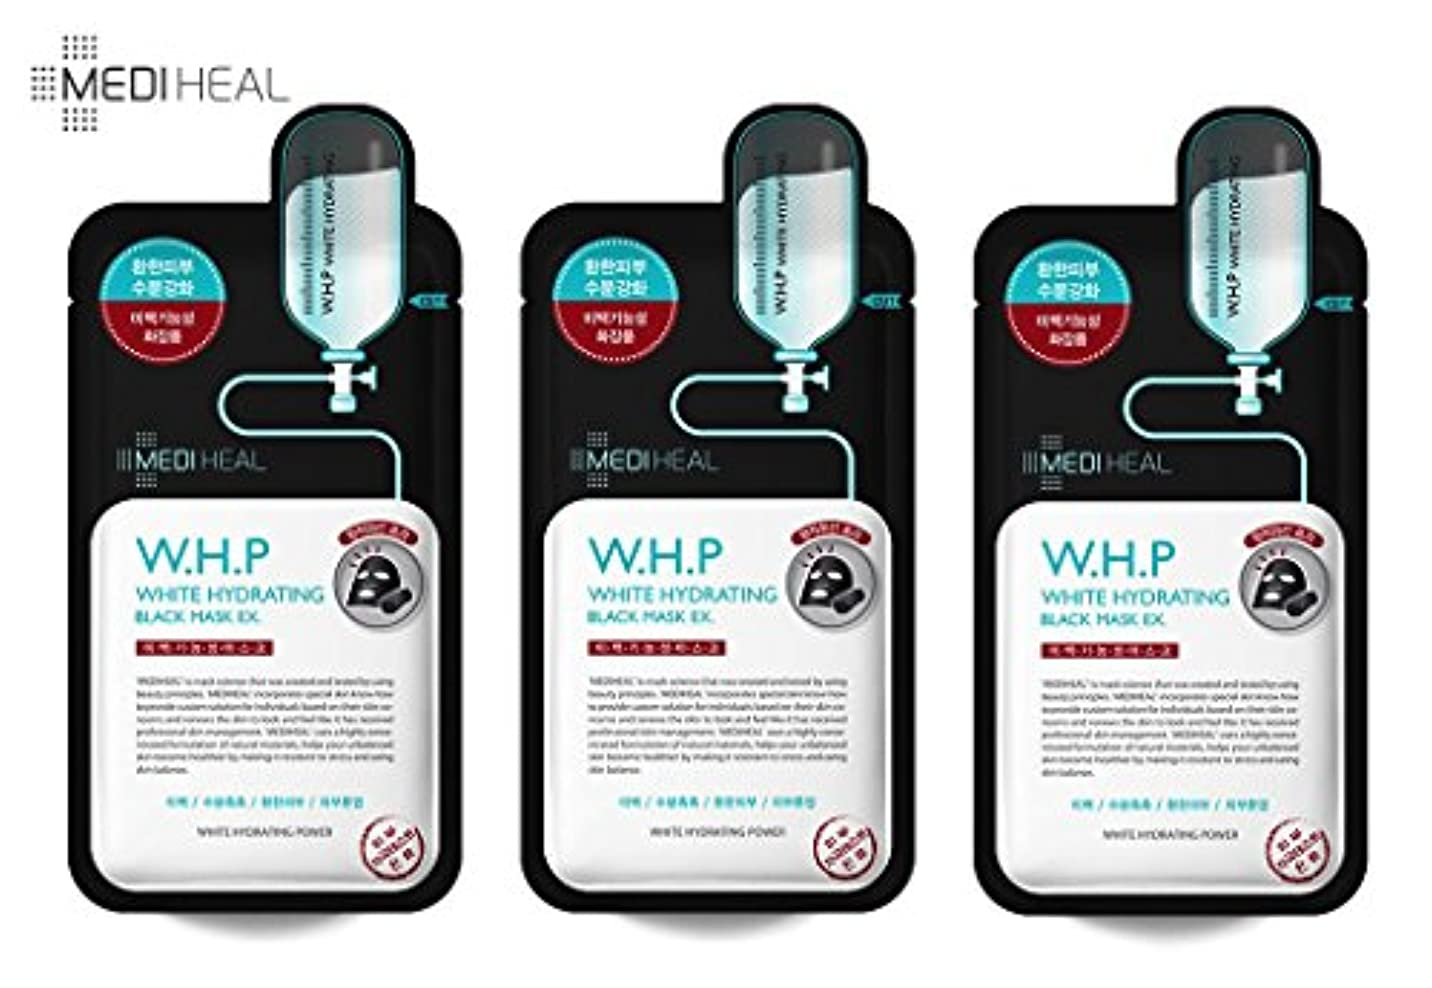 仕出します村レパートリー[本物] メディヒール Mediheal W.H.P 美白水分 ミネラル 炭 マスクパック (10枚) [並行輸入品]